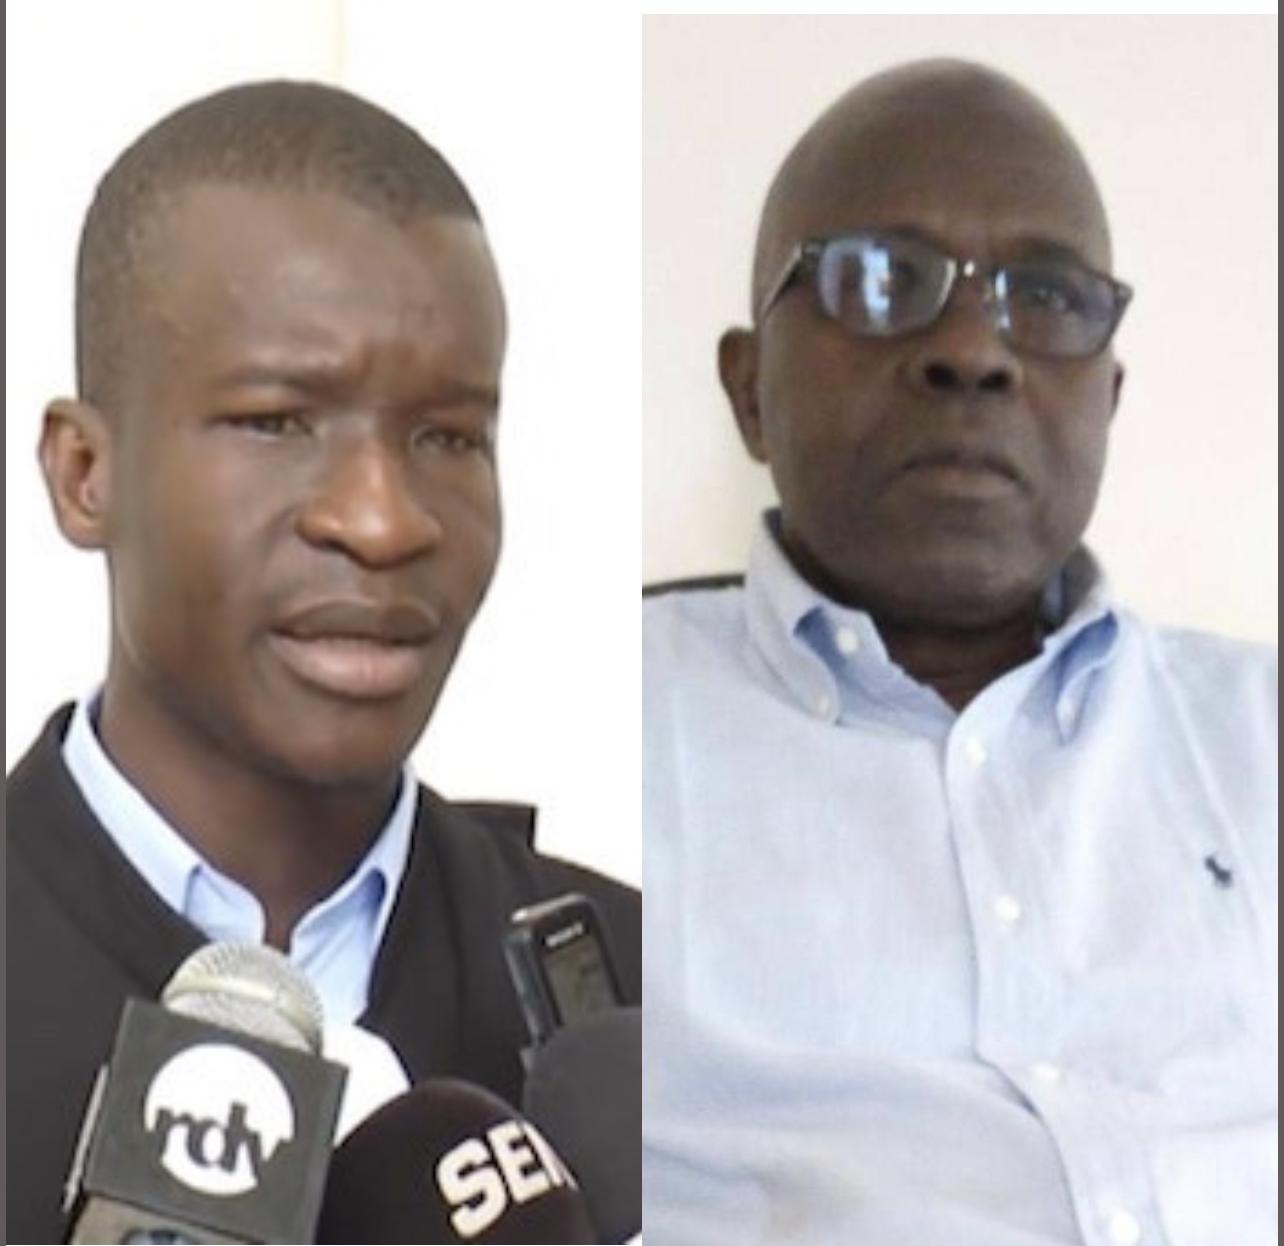 Décès suite à un malaise de Me Oumar Diallo : Le témoignage de Me Bamba Cissé, son camarade de promotion.